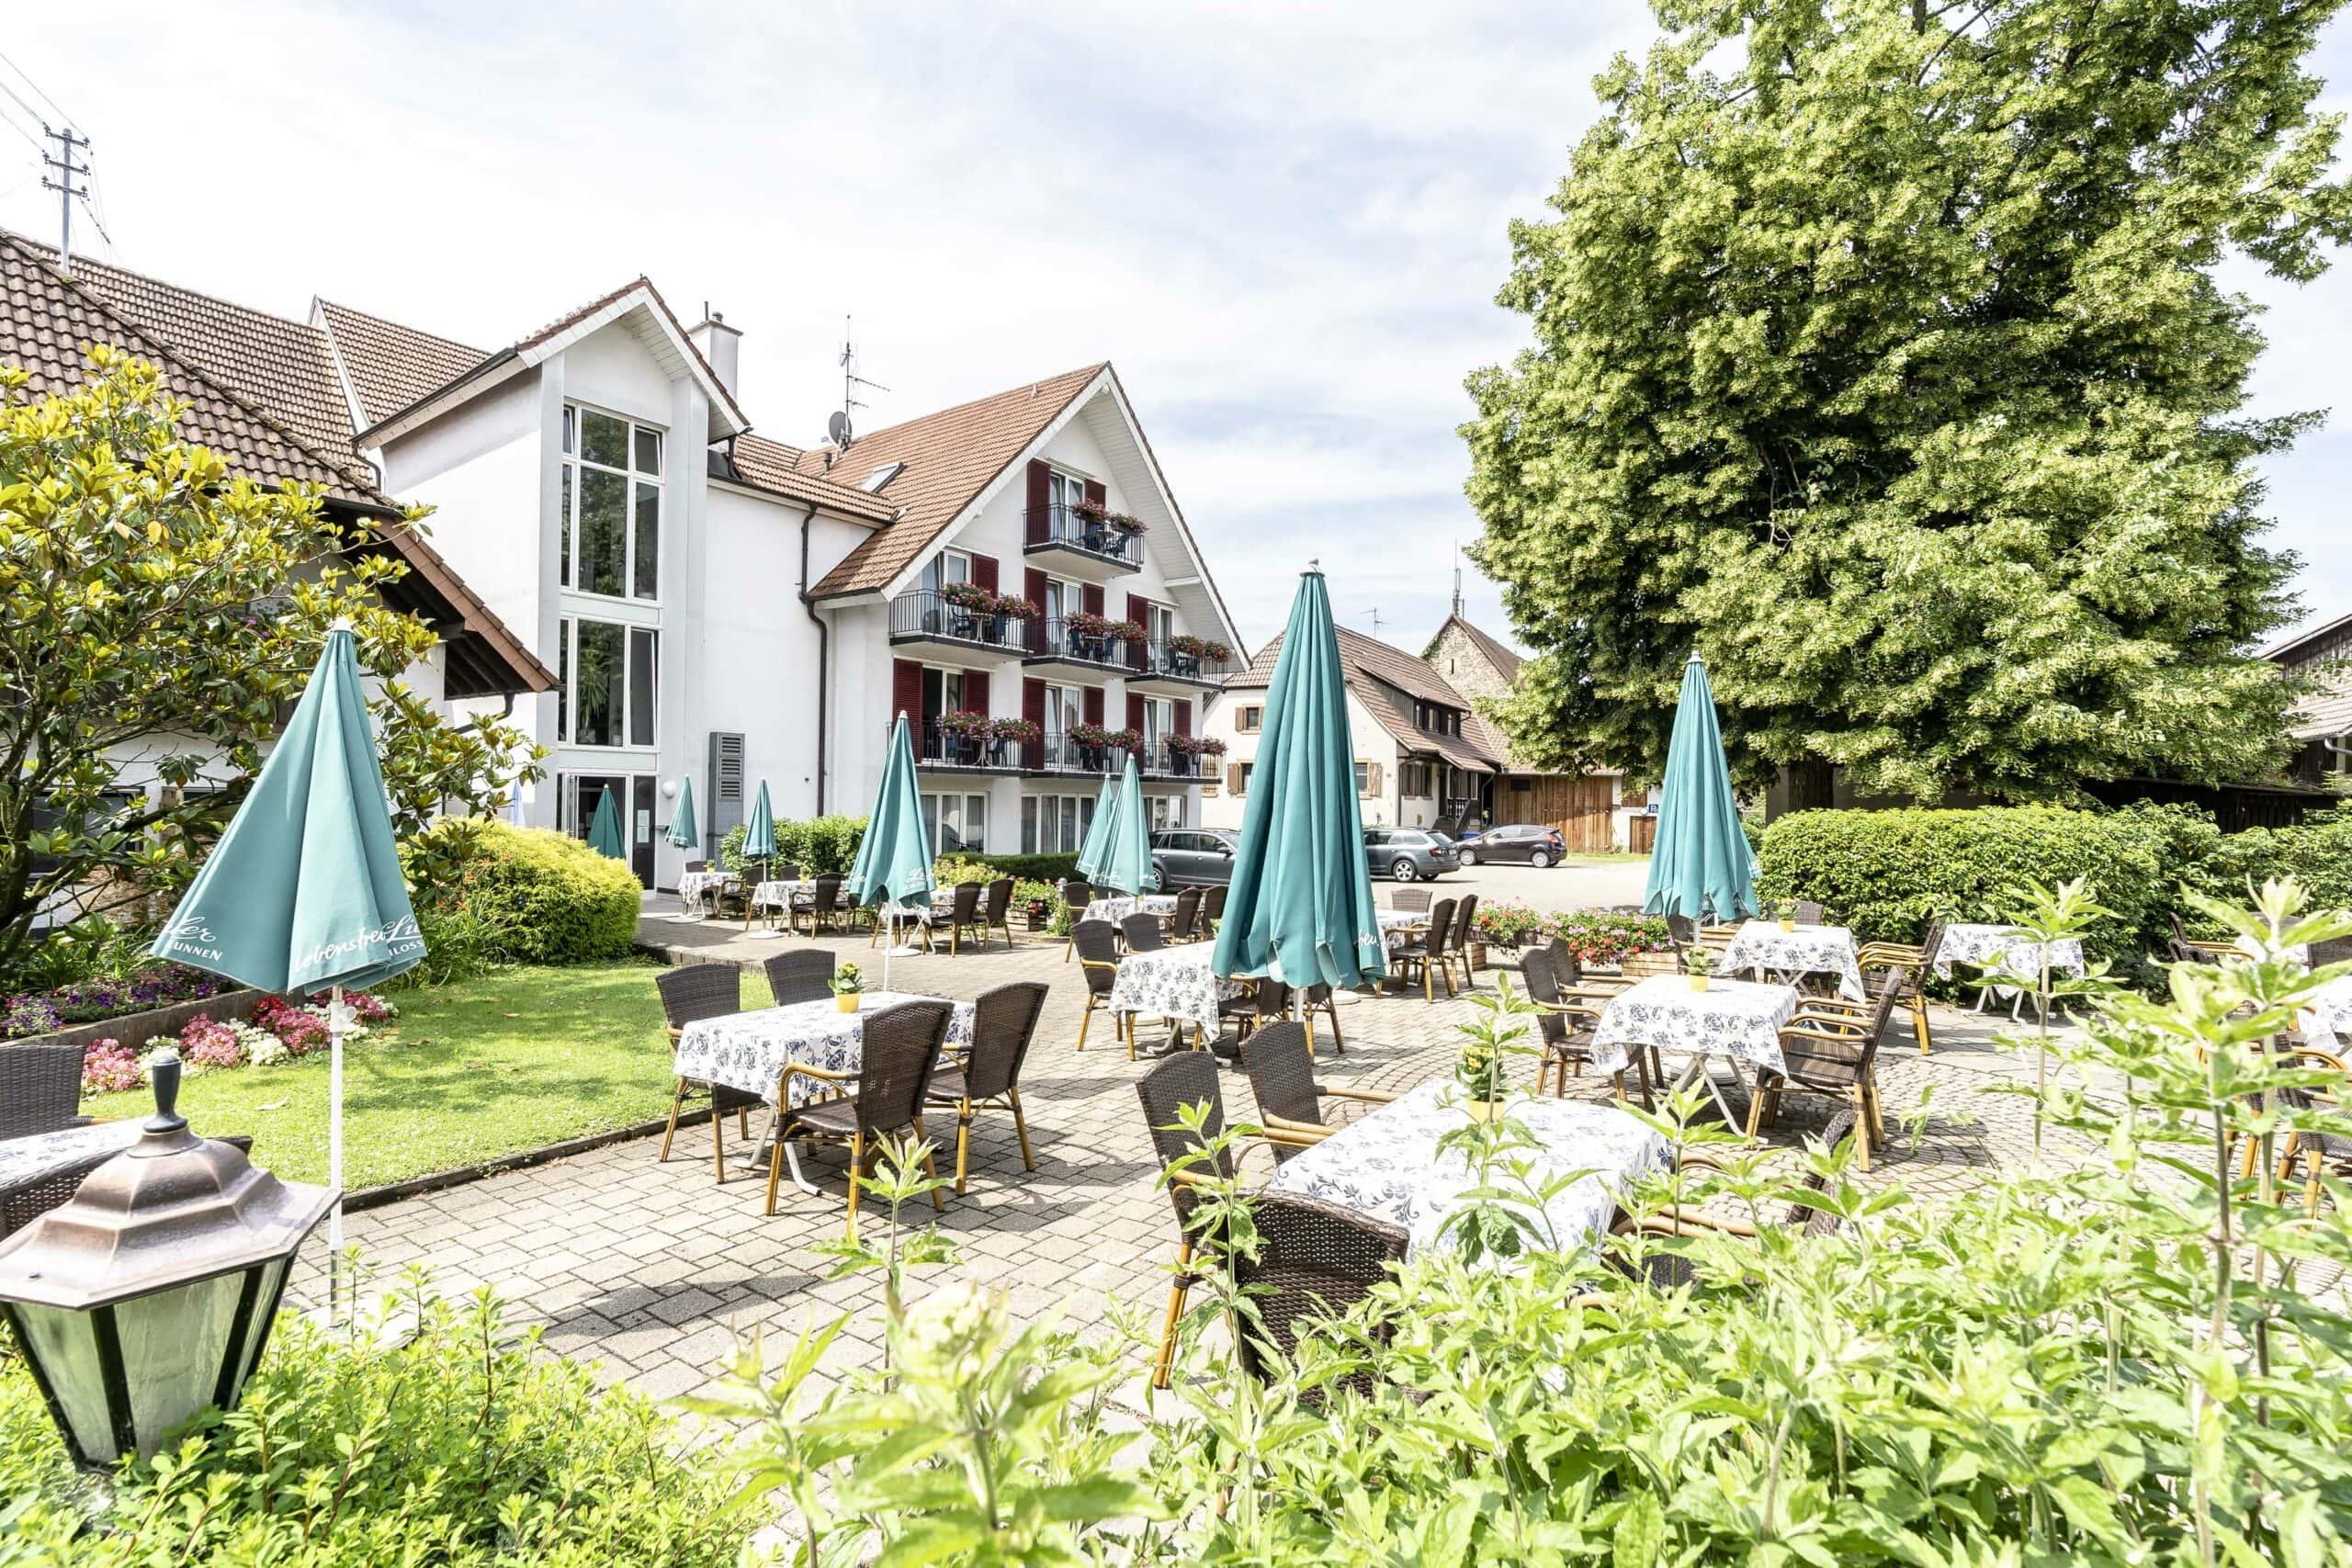 Hotel Gasthaus Loewen Buchholz Terrasse Sonne Haus